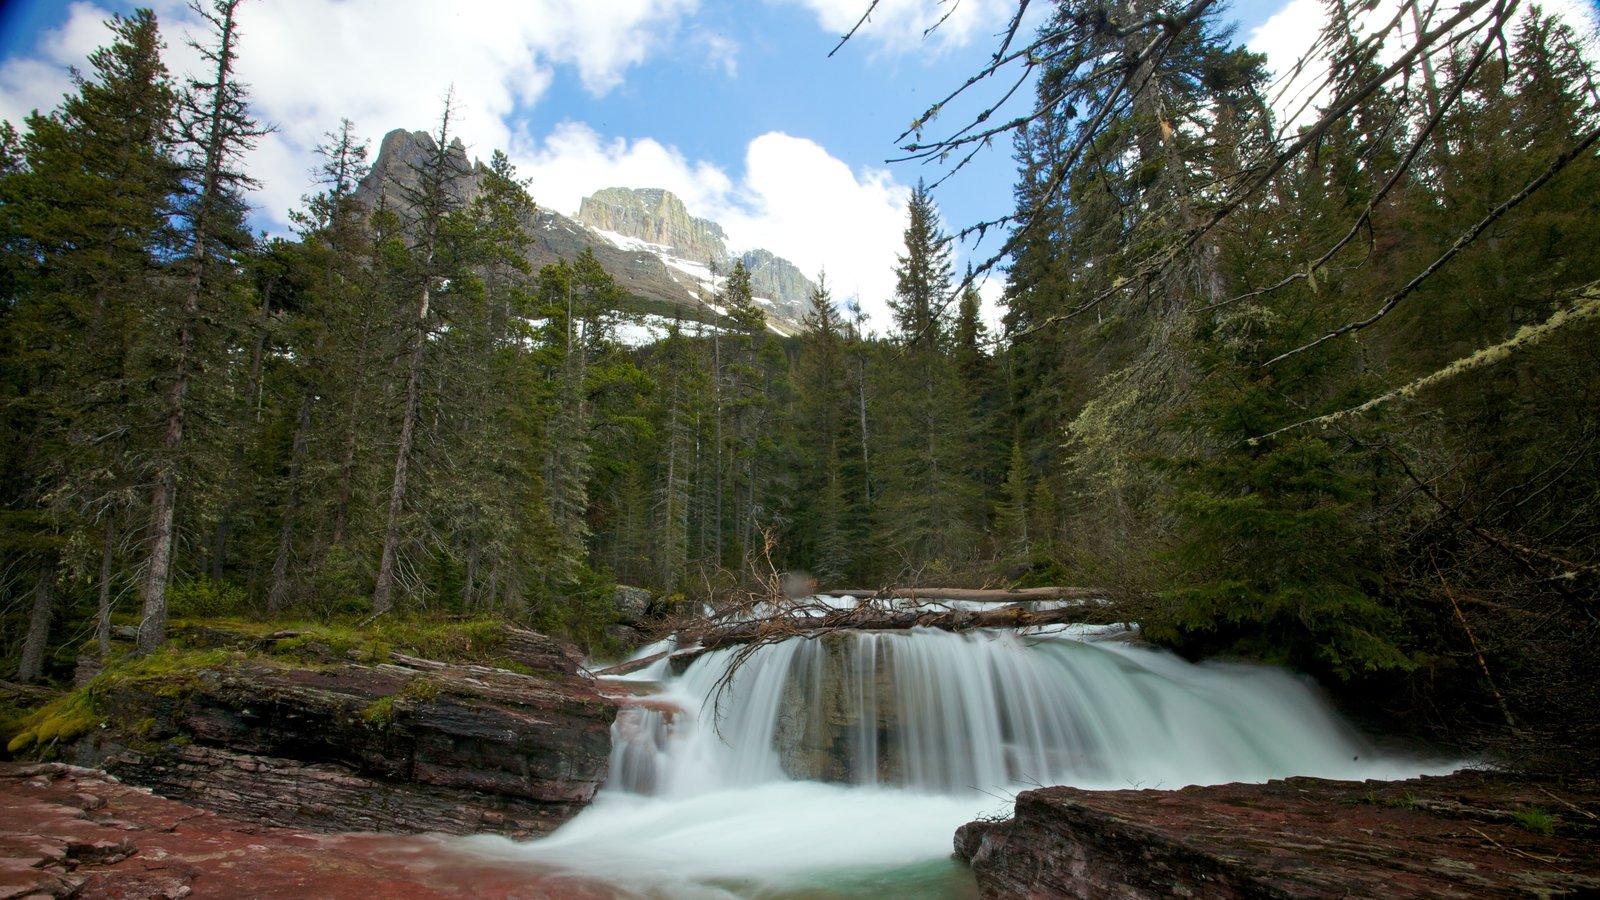 Parque Nacional de los Glaciares mostrando un río o arroyo